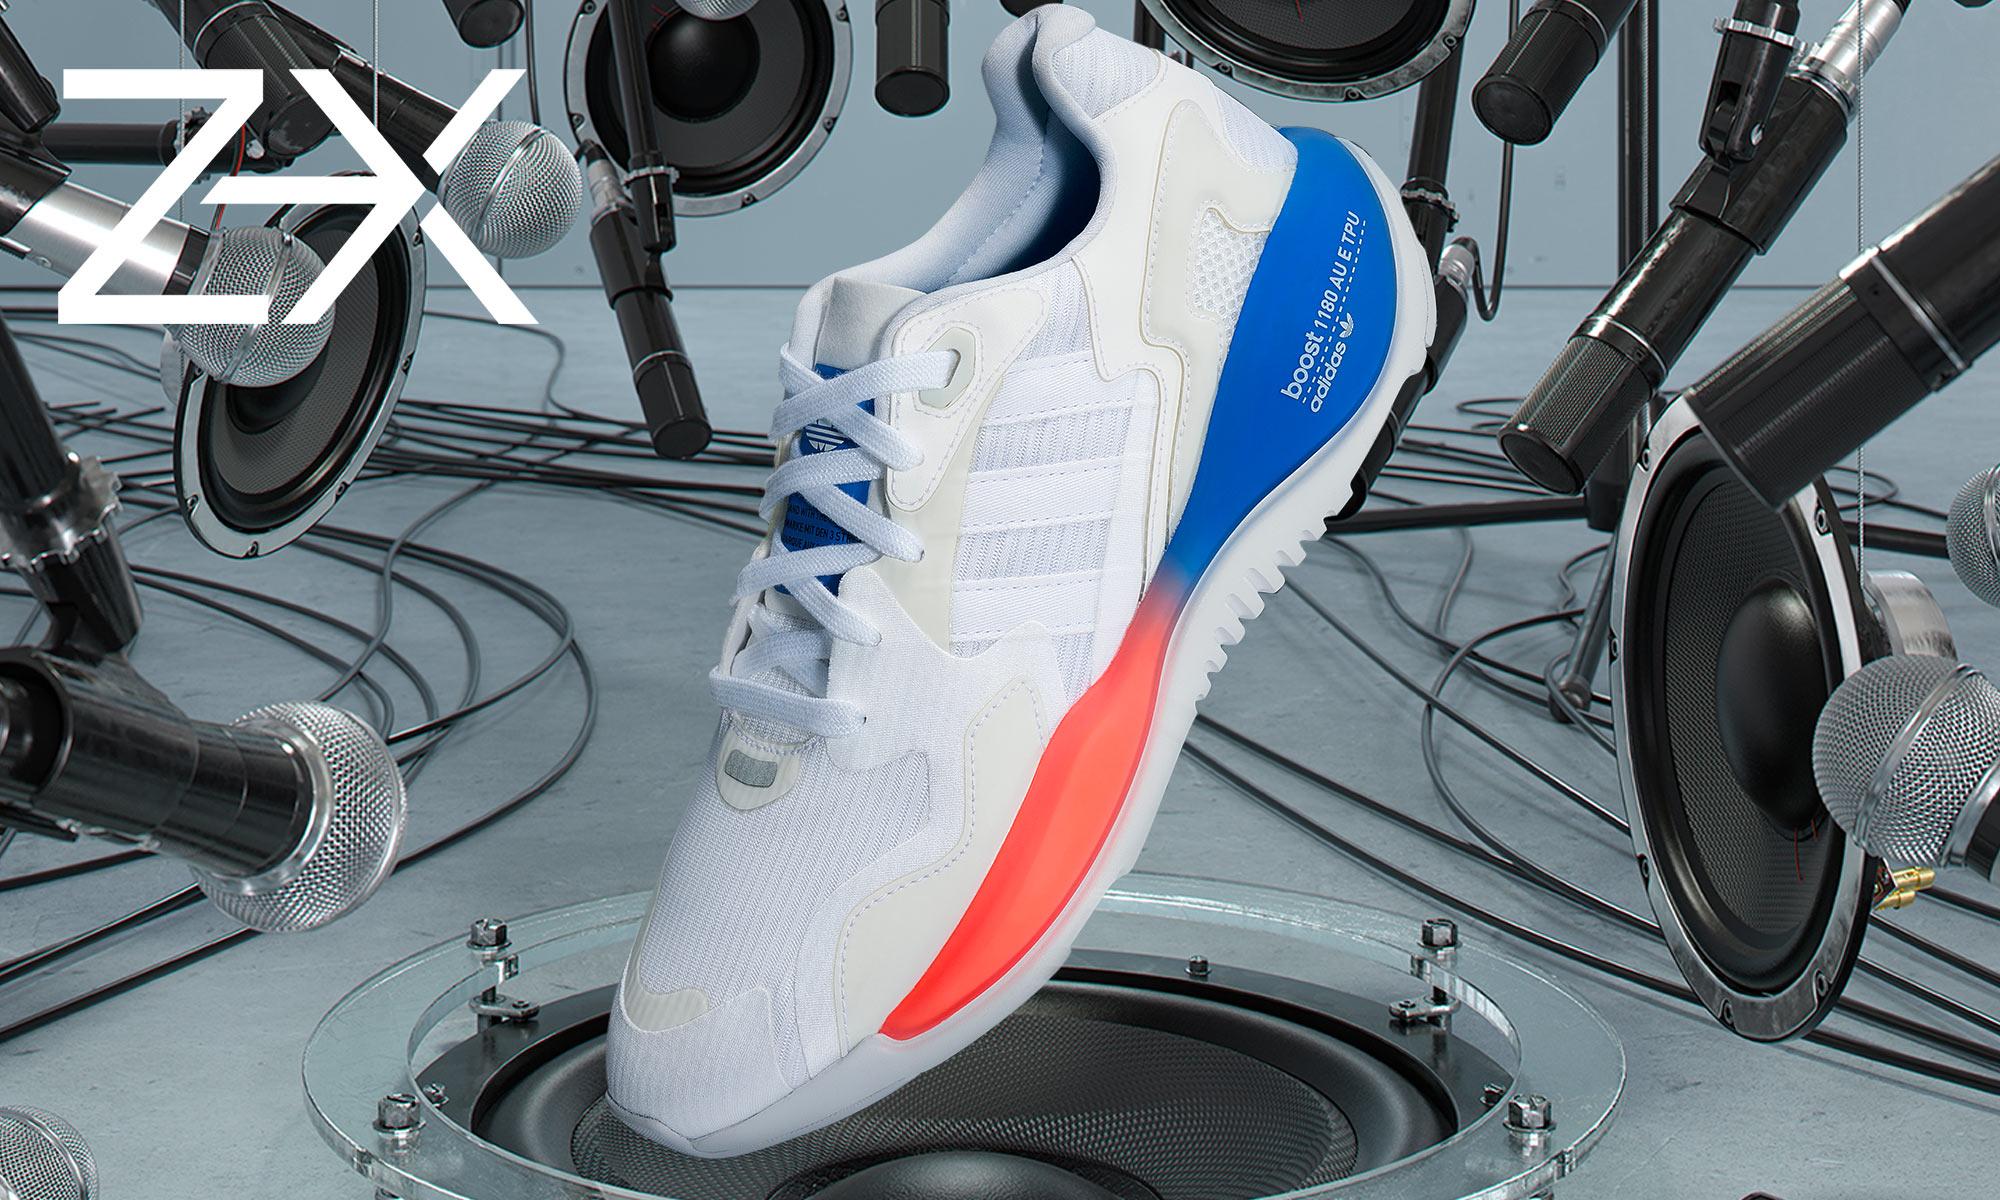 ZX ALKYNE 是你曾经幻想过的那双「未来球鞋」吗?